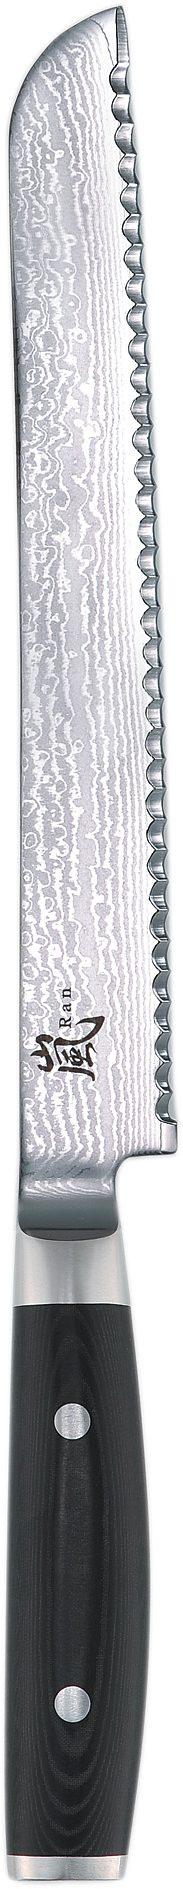 Yaxell Brotmesser »Mikarta Ran 69«